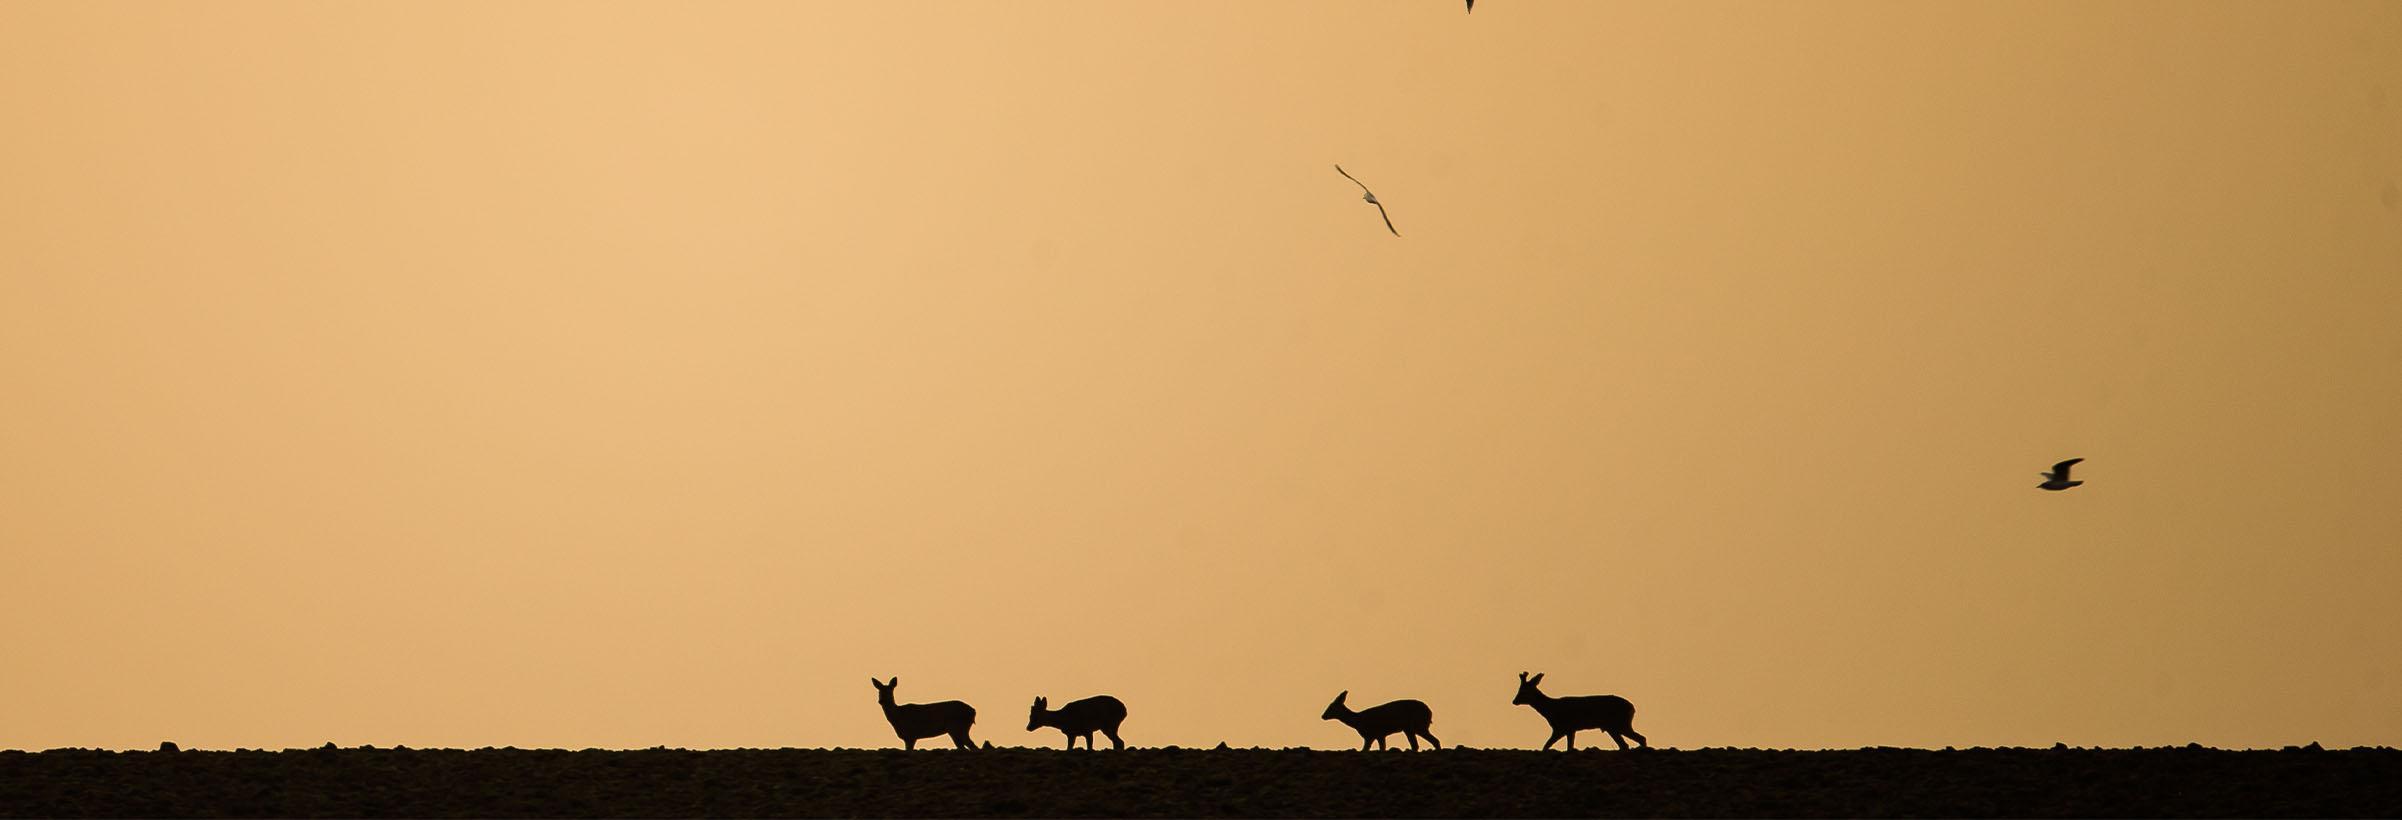 chevreuils dans un champs chasse à l'approche